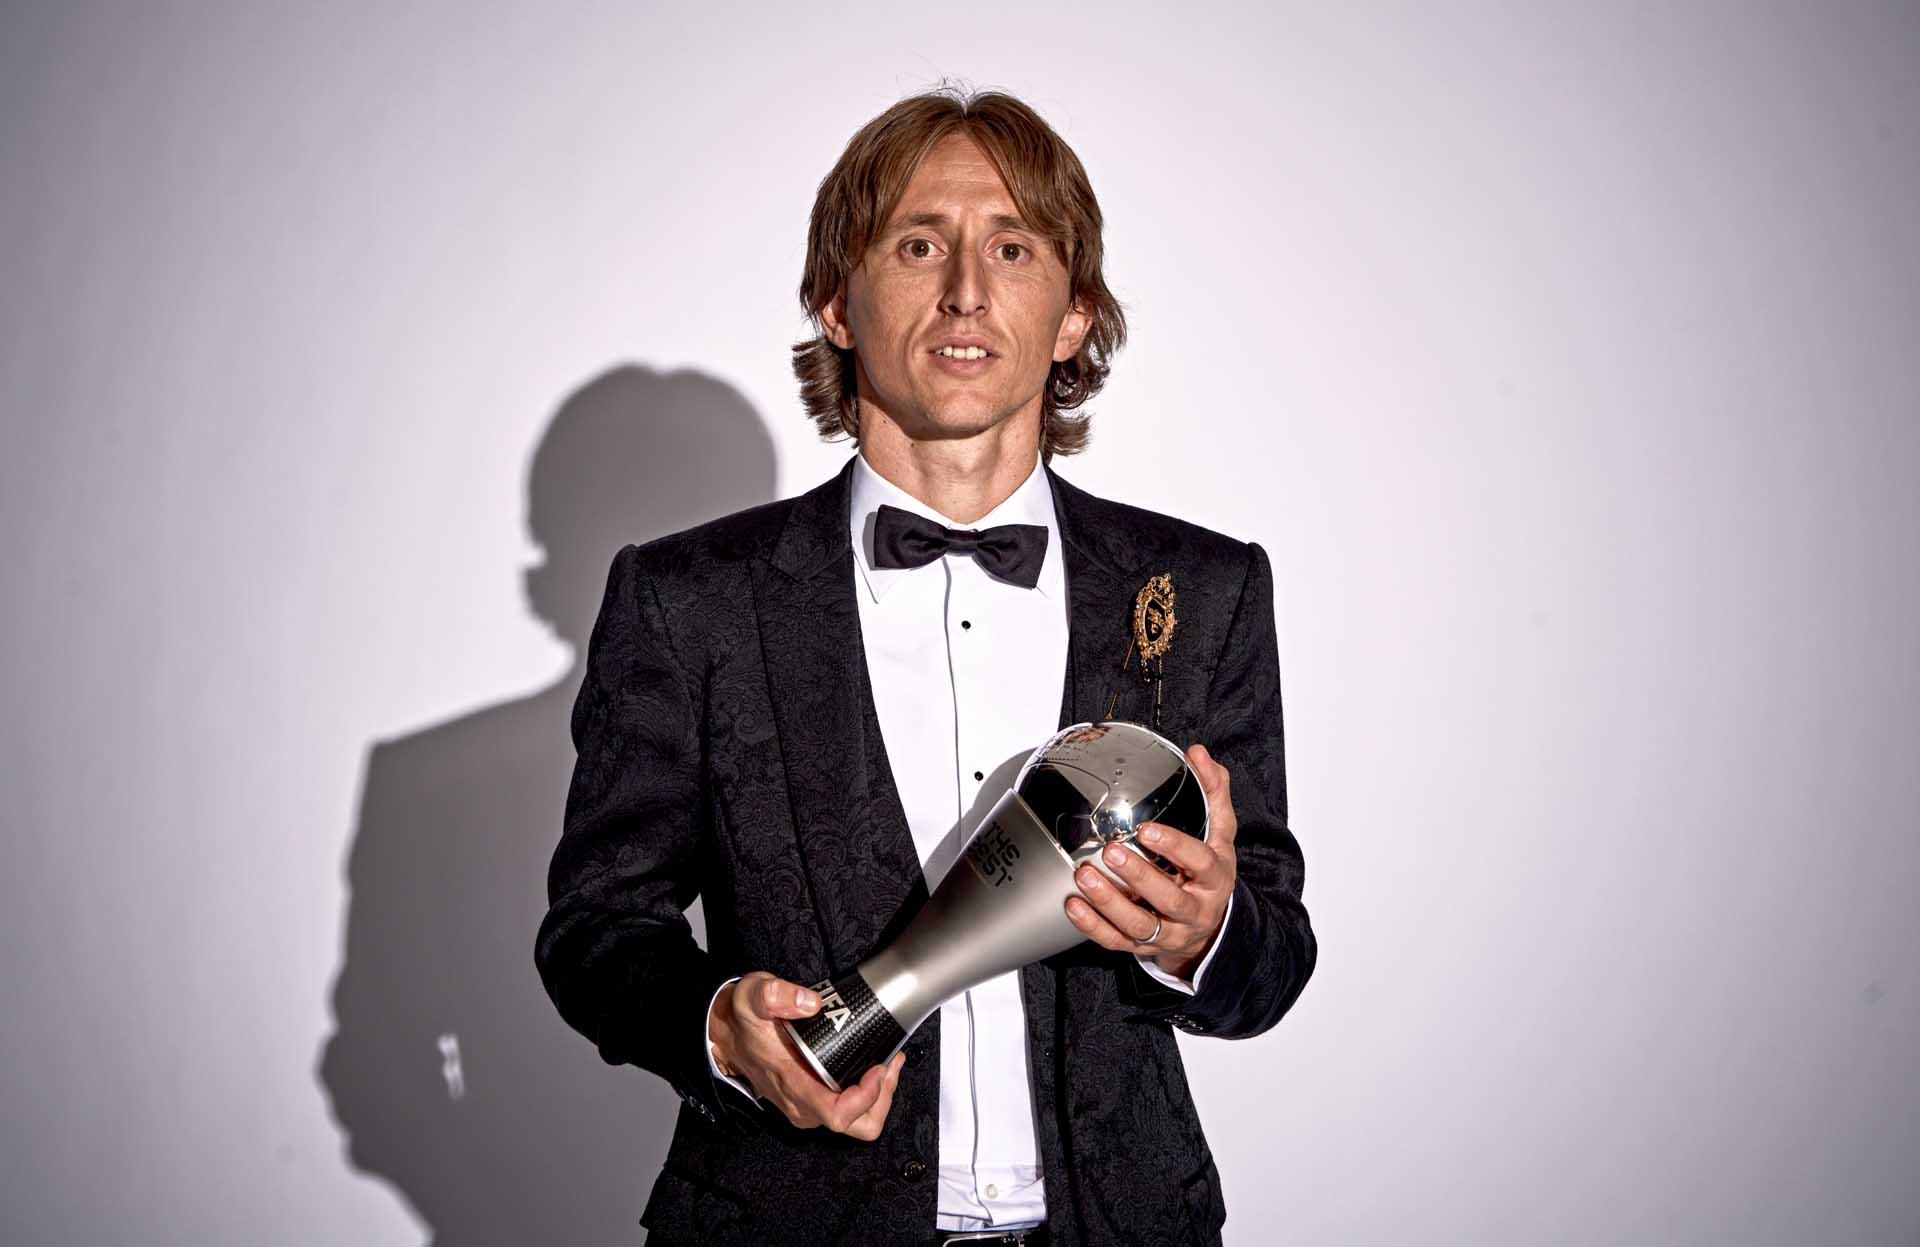 Nike præsenterer Speciel Edition Mercurial Vapor til Luka Modric 2